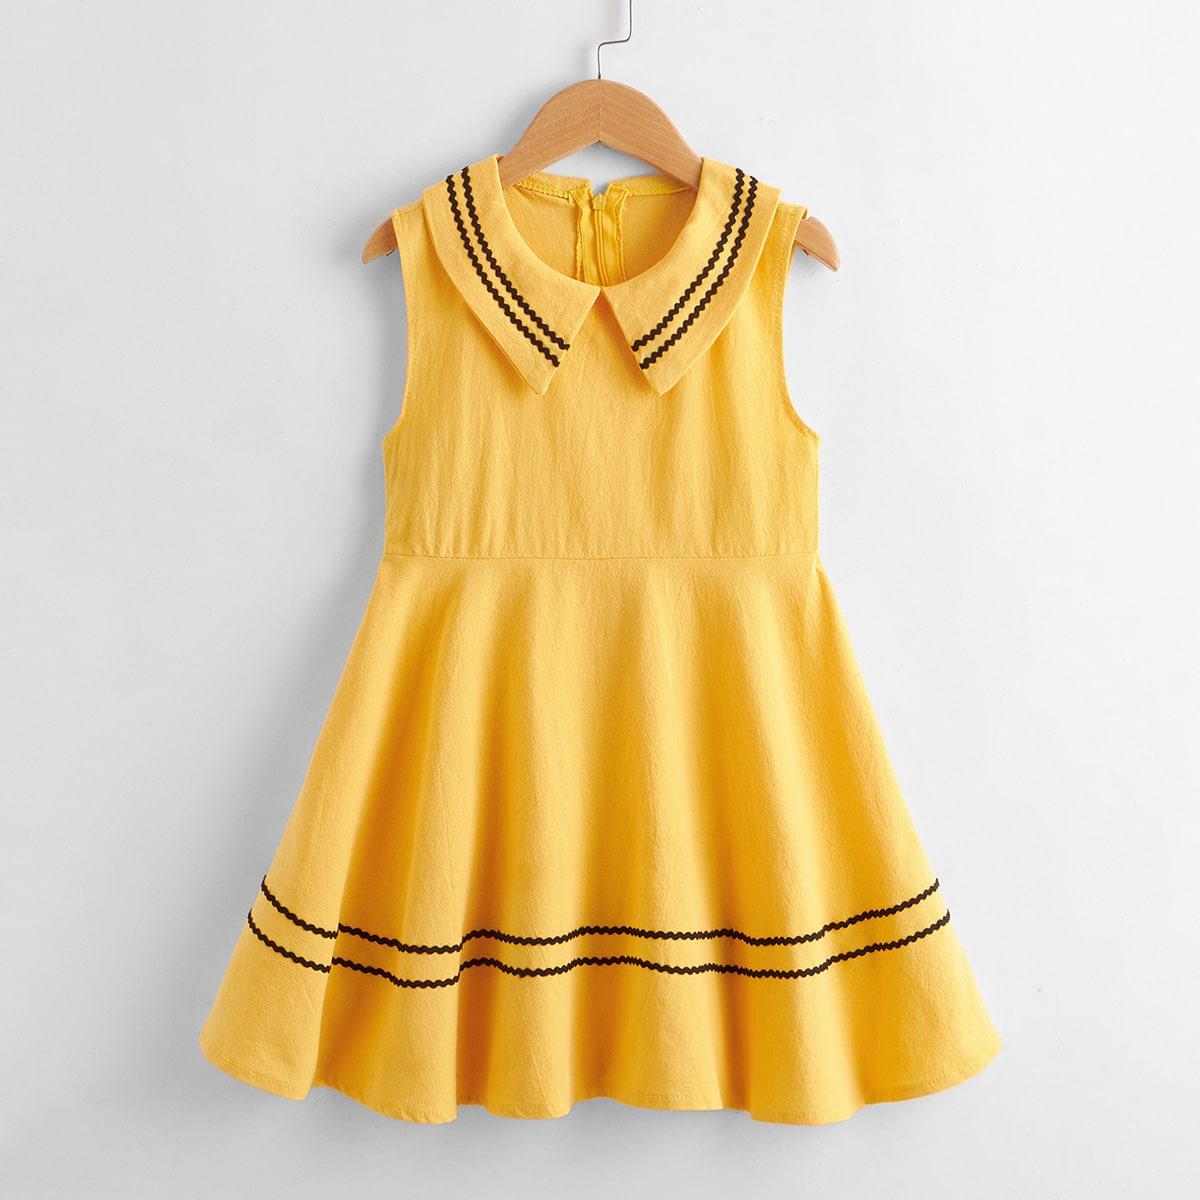 Girls Wave Striped Tape Peter Pan Collar Dress